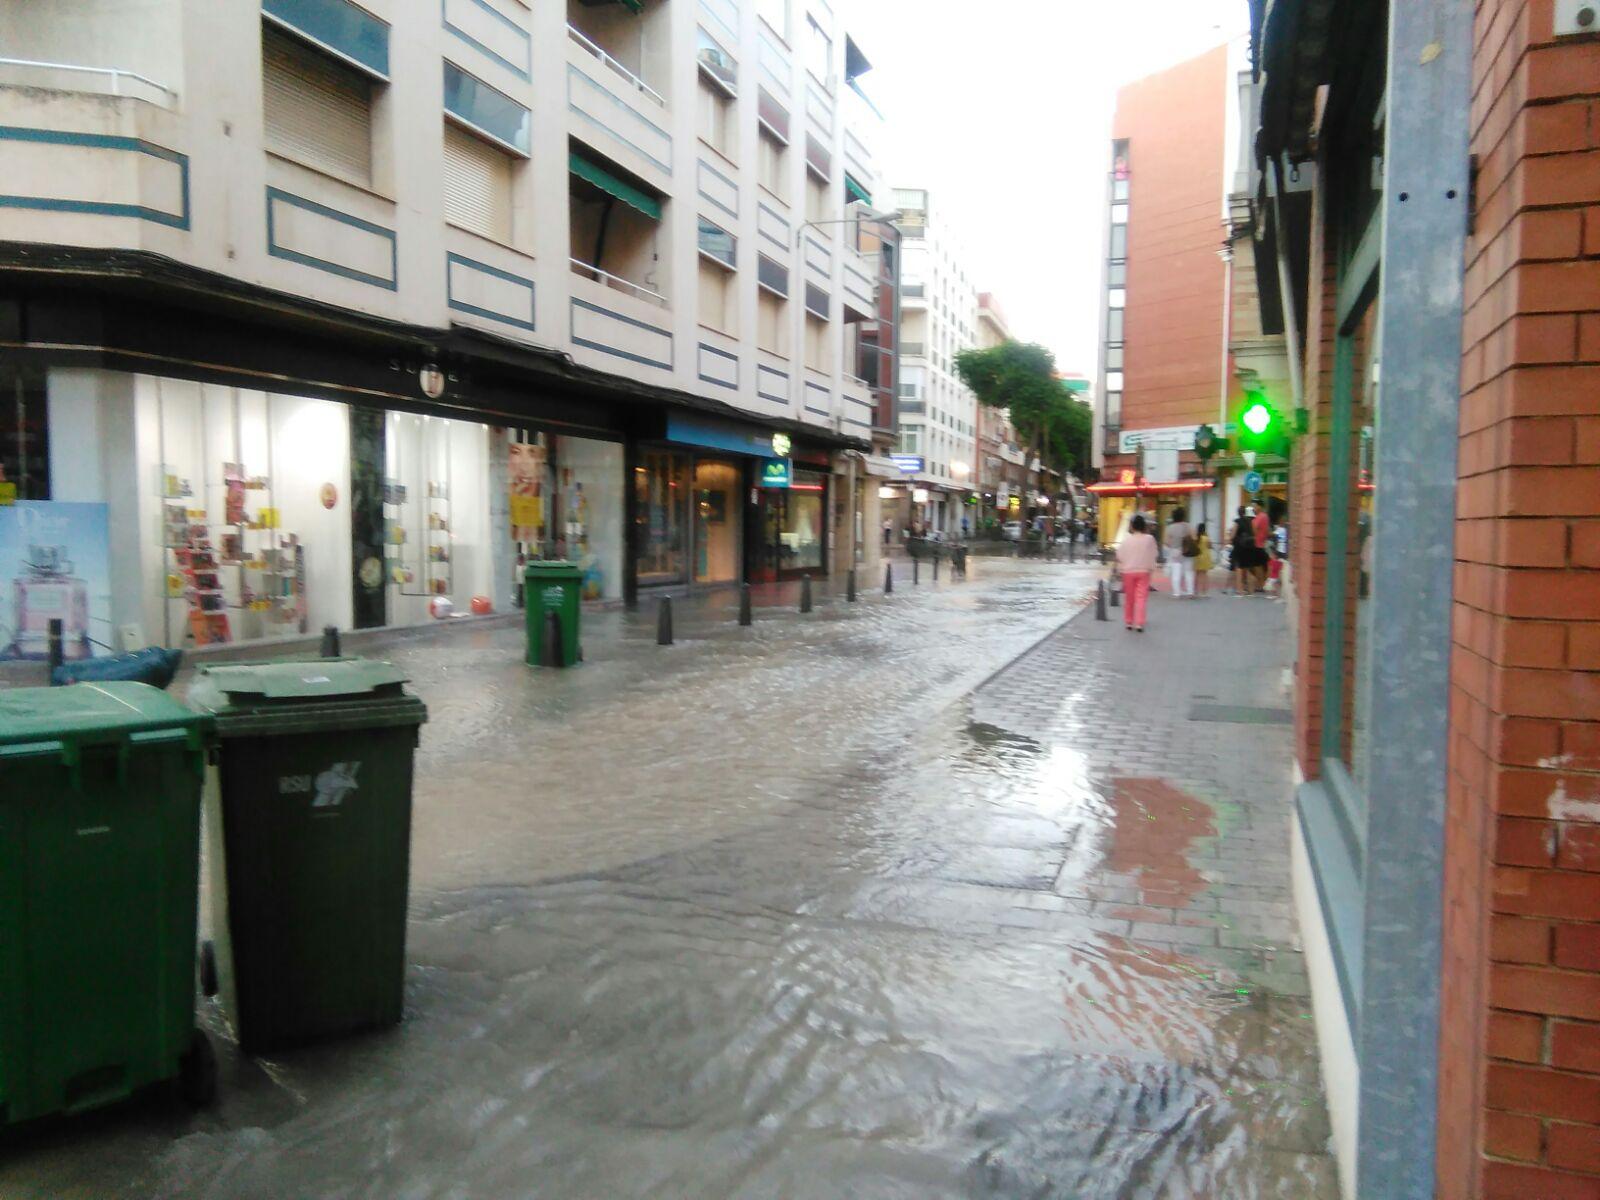 La rotura de una tubería en la Calle Maria Cristina de Ciudad Real inunda varios locales